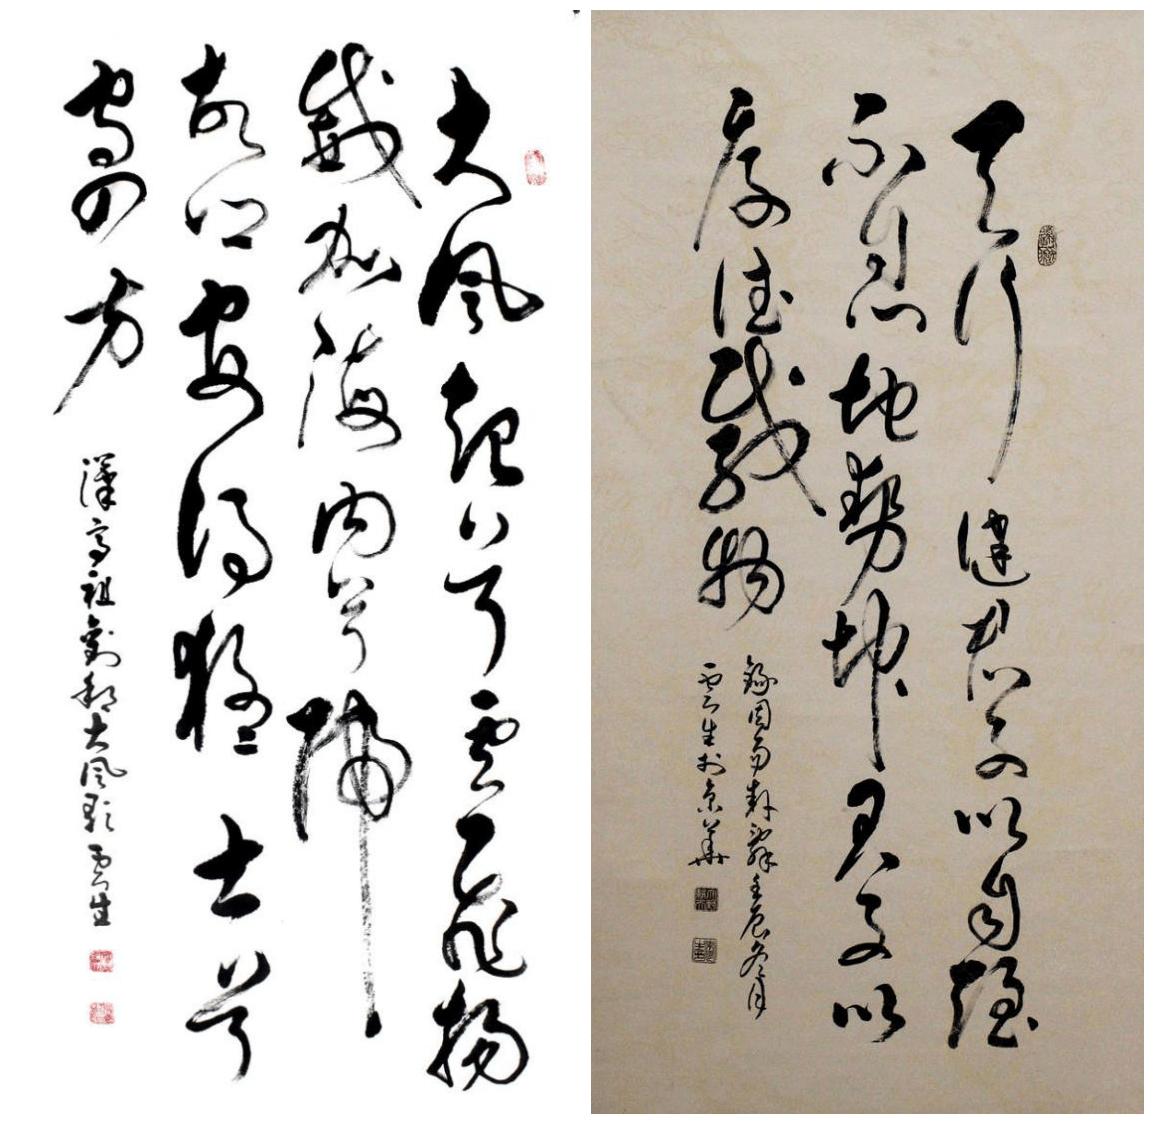 中国著名书法家李云生作品获国内外青睐,长幅作品获拍185万插图(6)